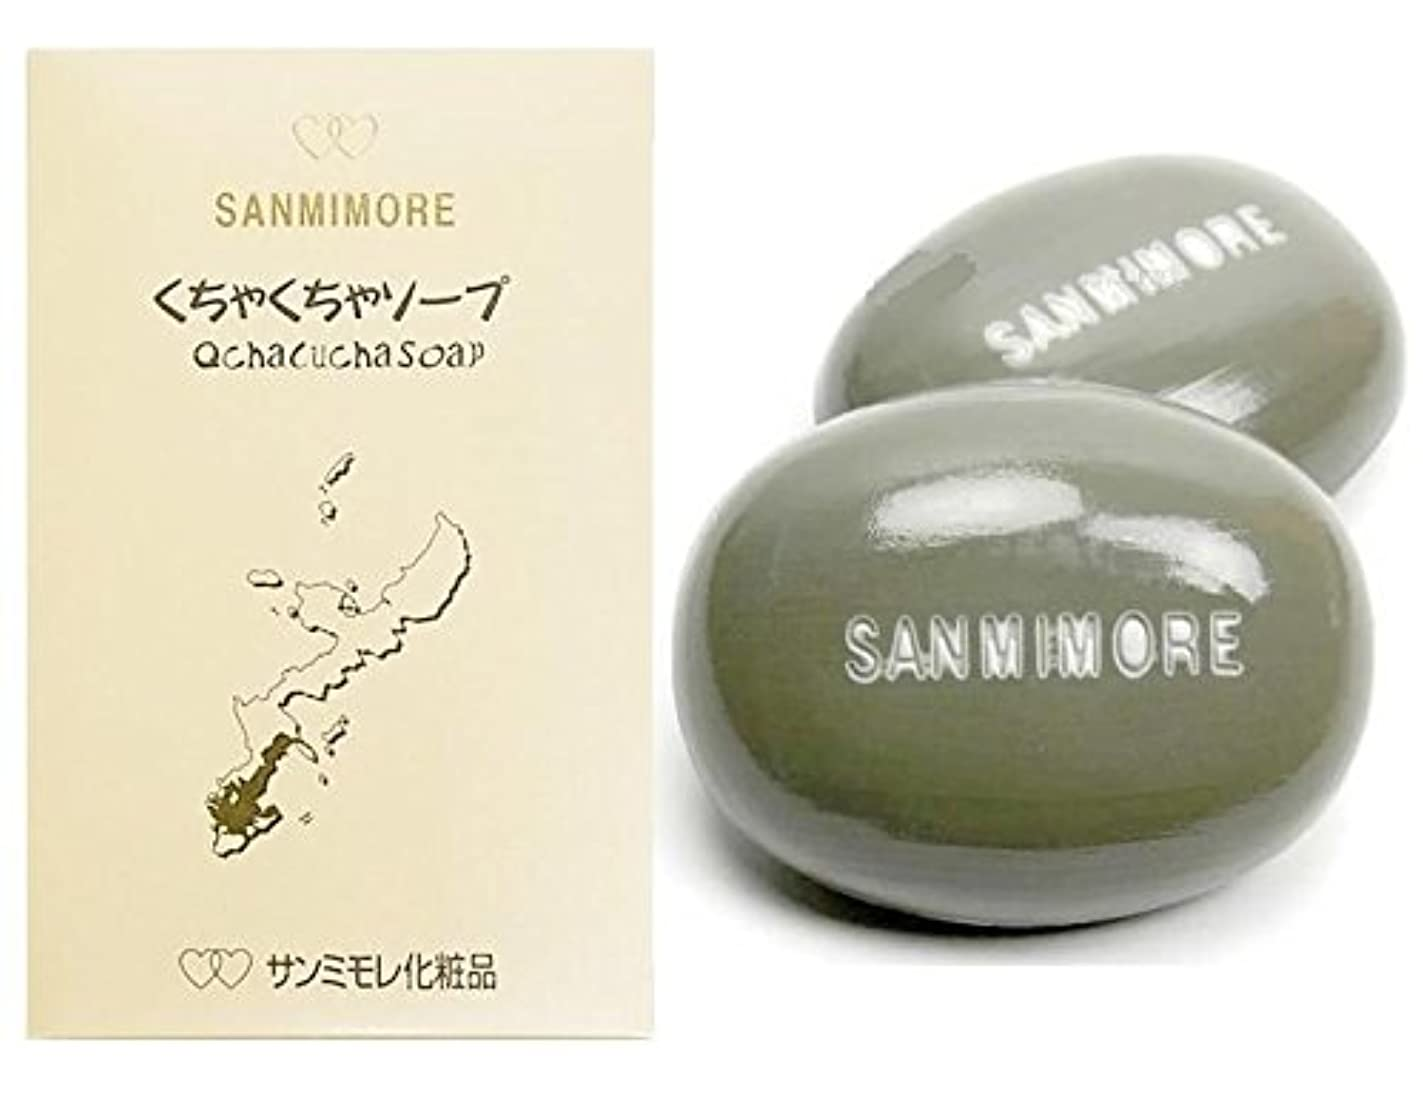 うっかりリンスドラゴンSANMIMORE(サンミモレ化粧品) くちゃくちゃソープ75g×2個 サンミモレ ベール専用石鹸